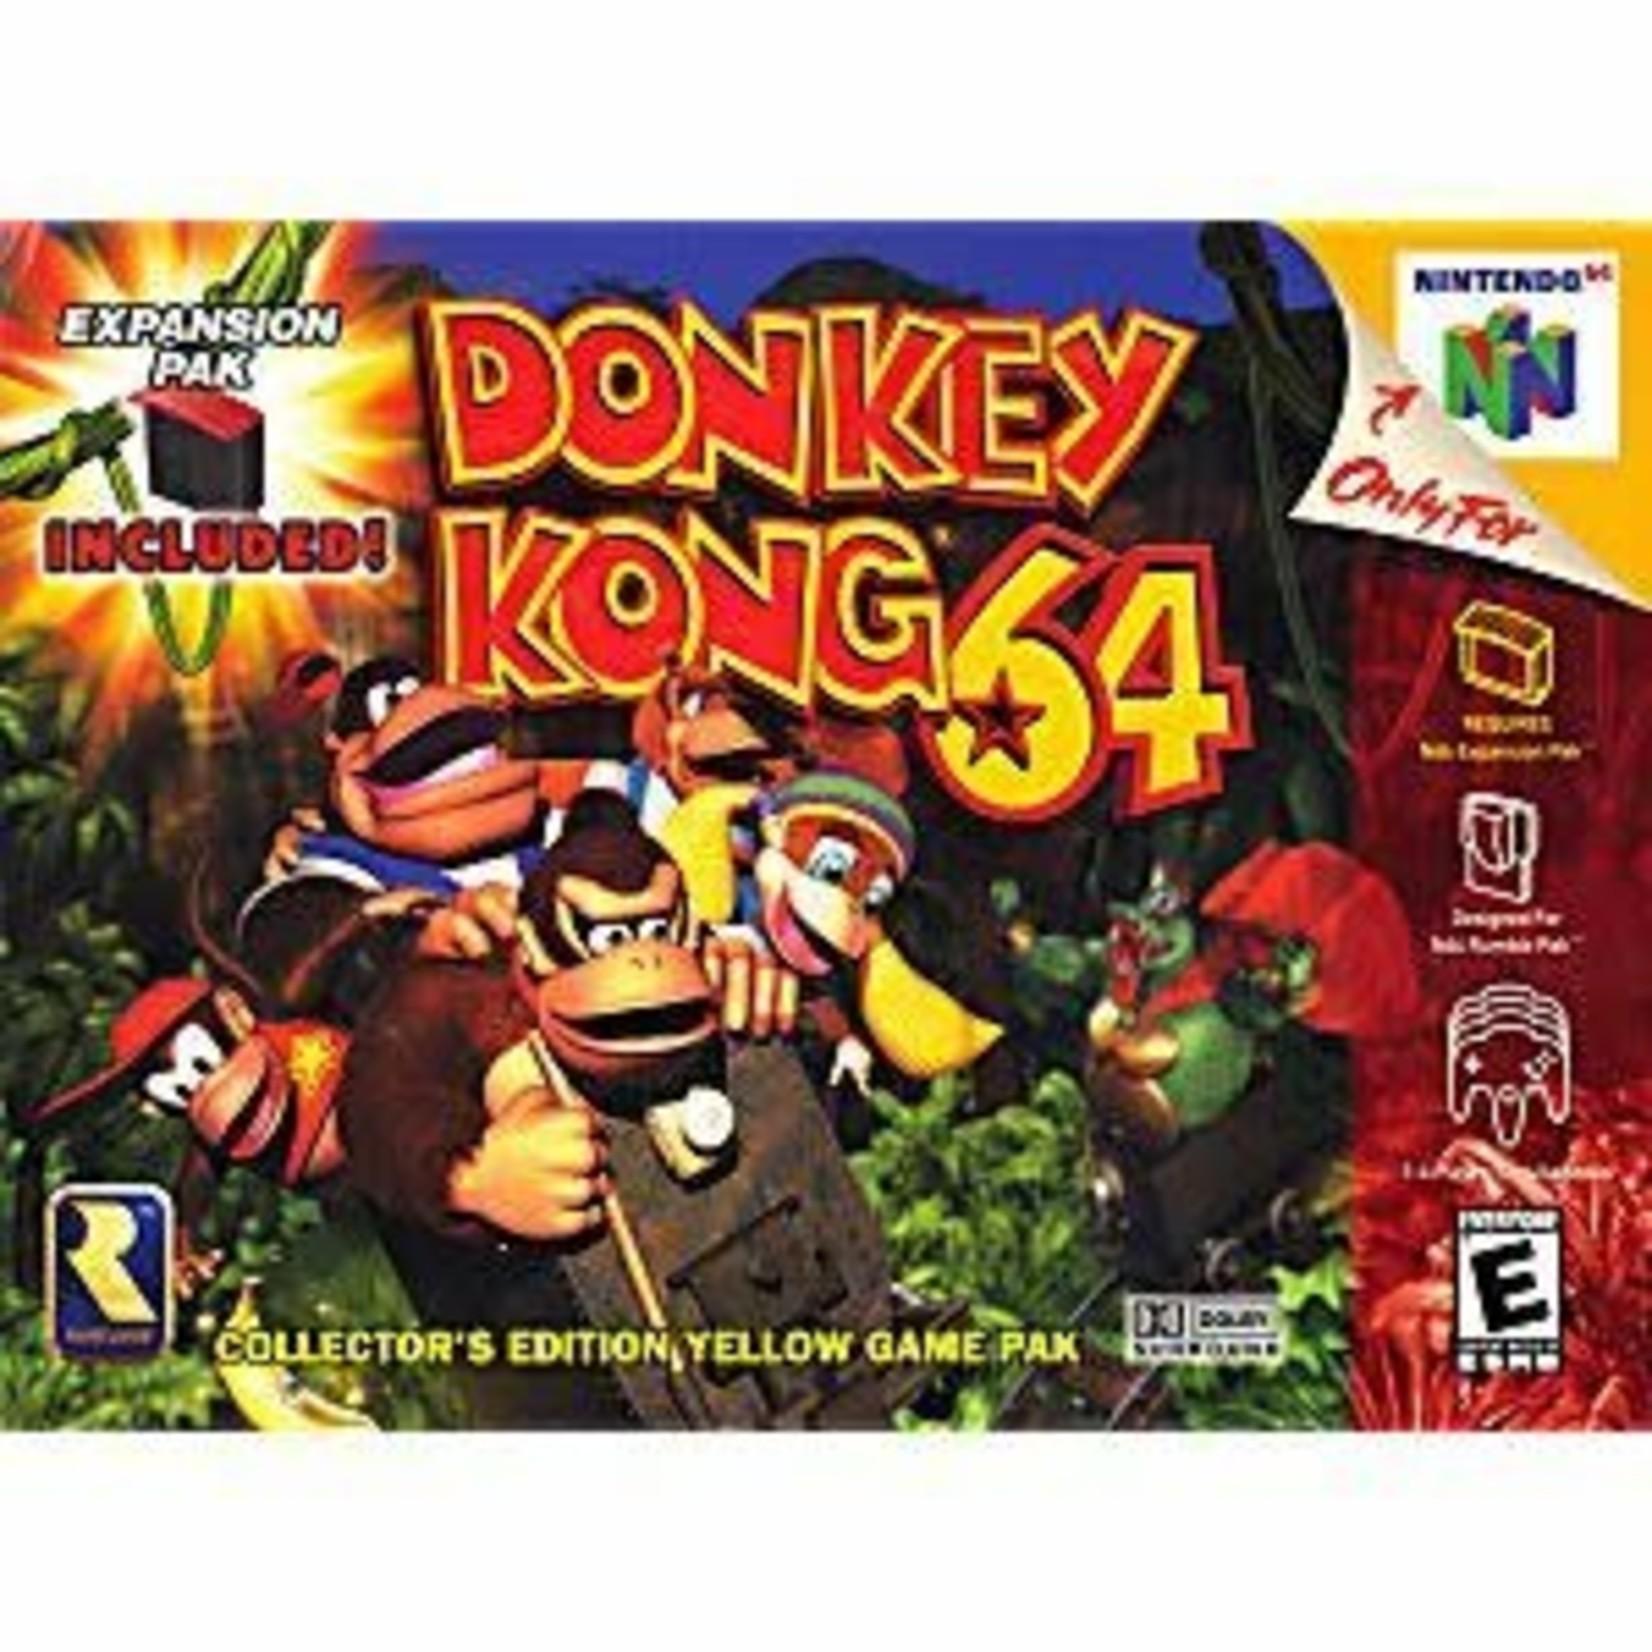 N64U-DONKEY KONG 64 (CARTRIDGE)